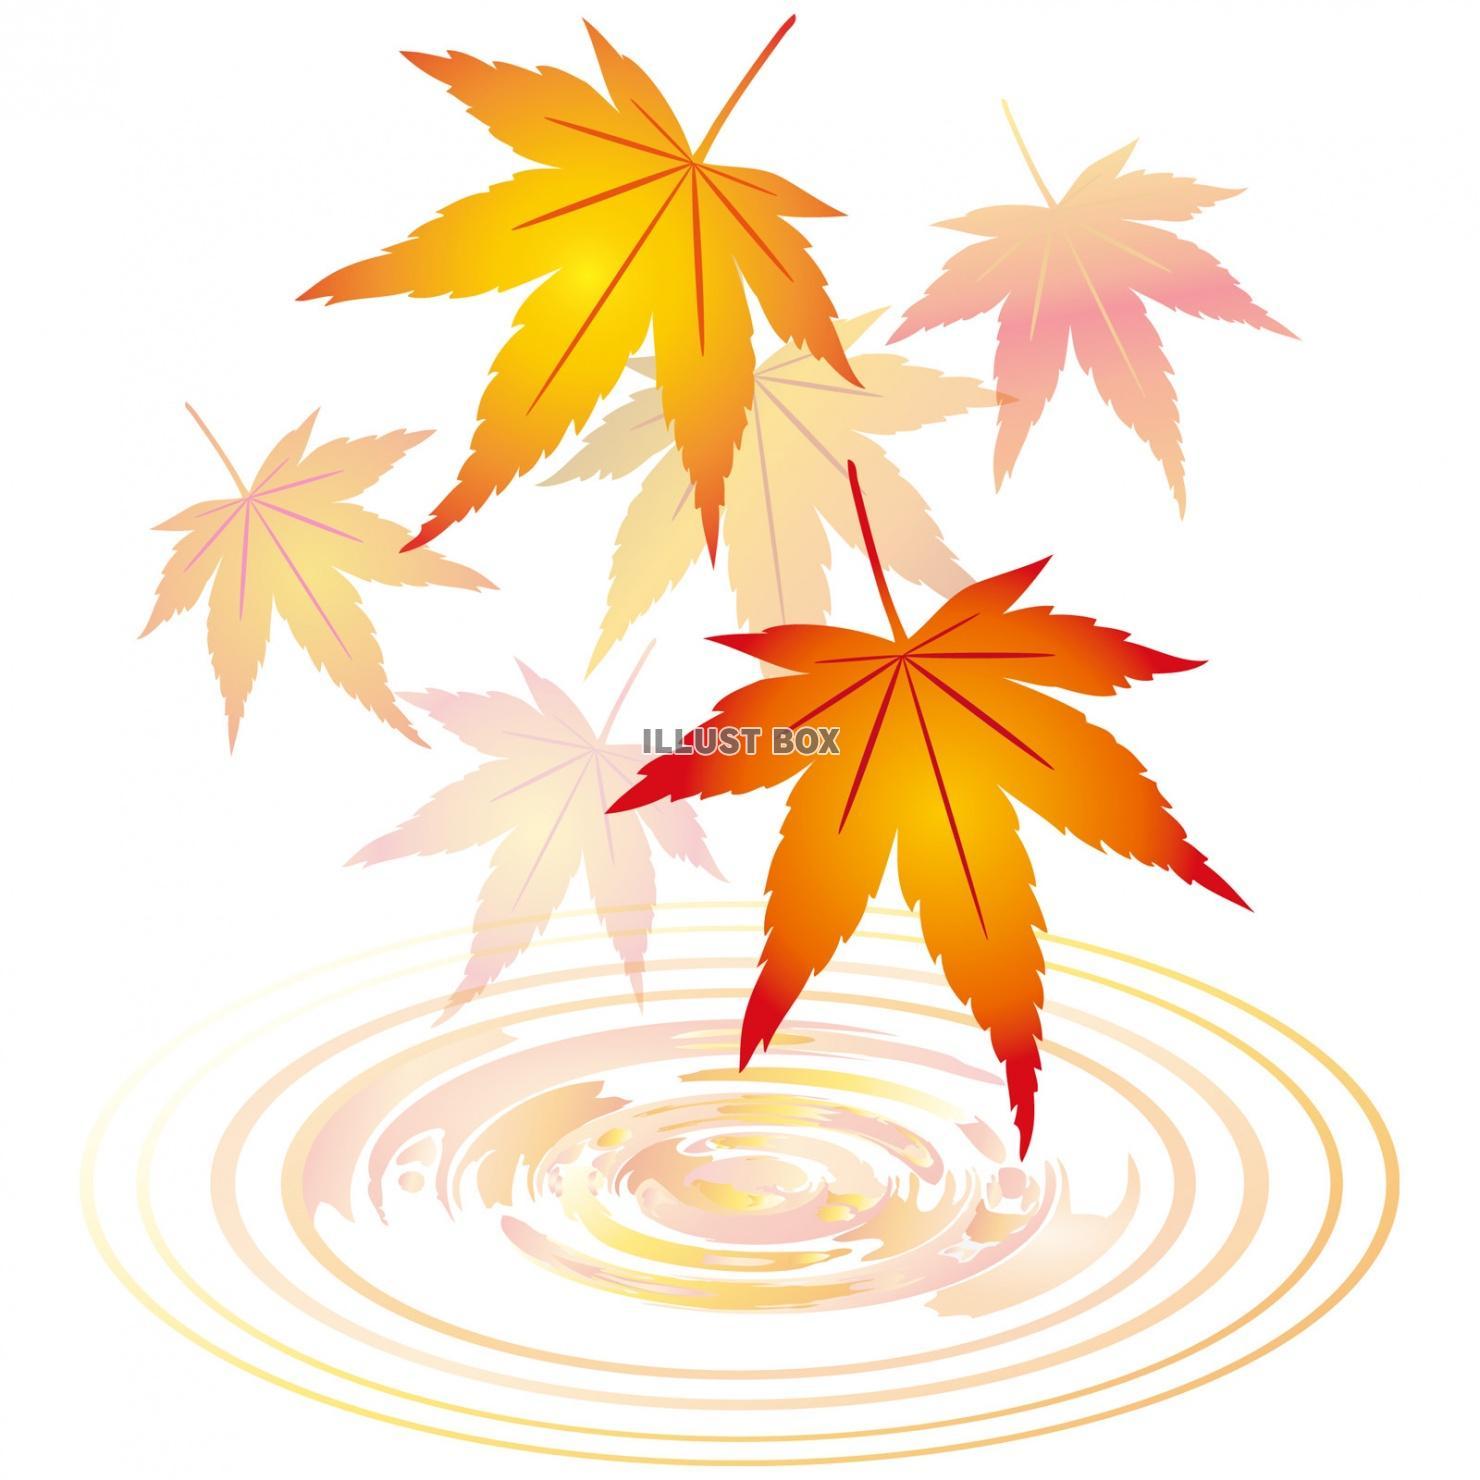 無料イラスト 紅葉もみじ飾り装飾水面10月11月モミジ葉っぱ植物楓カエデ波